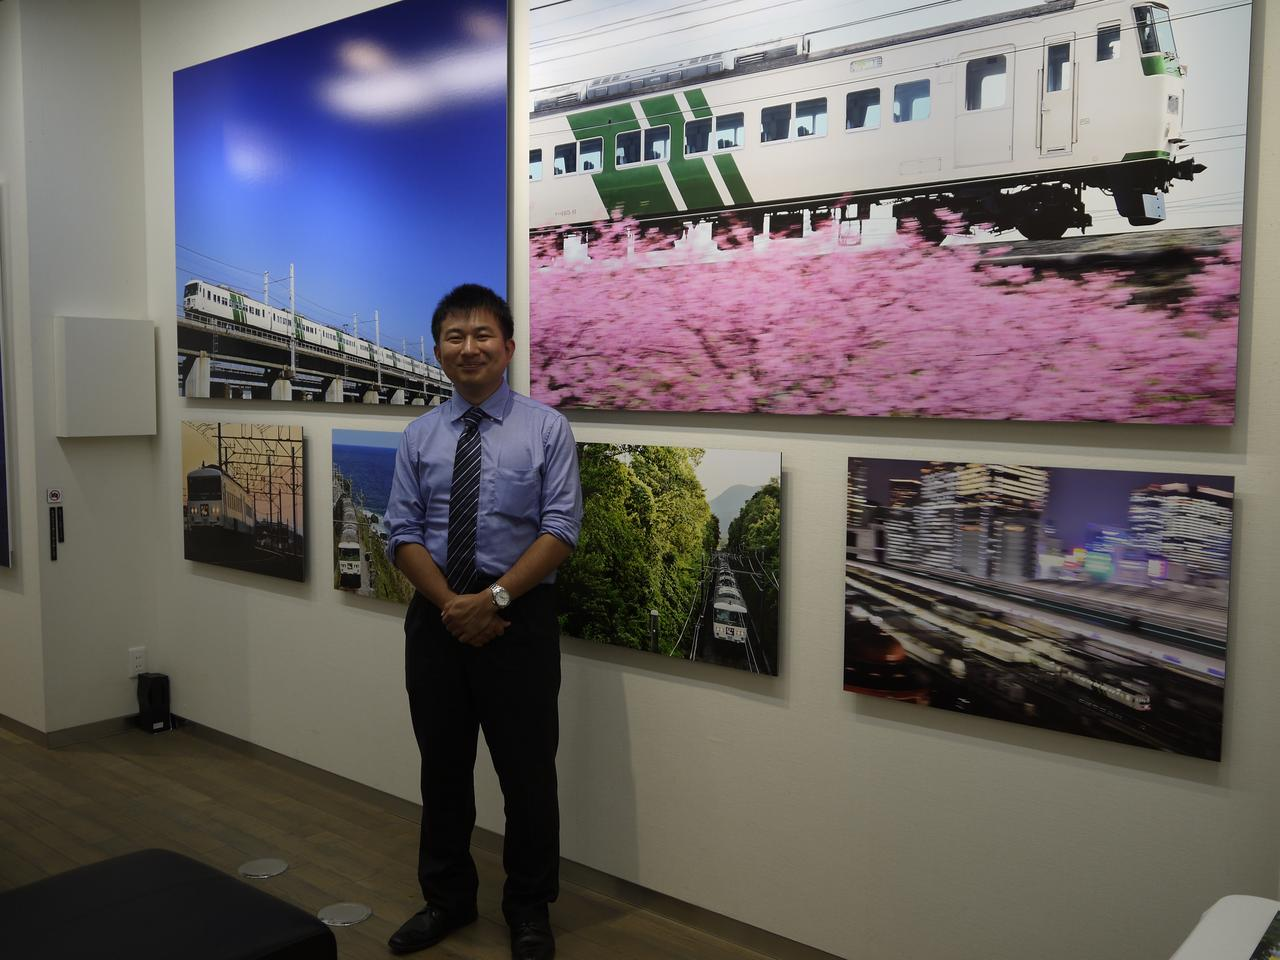 画像2: 杉山 慧写真展「走れ! グリーンストライプ! 特急『踊り子』号」、 FMエキシビションサロン銀座1階で10月8日(火)15時まで。